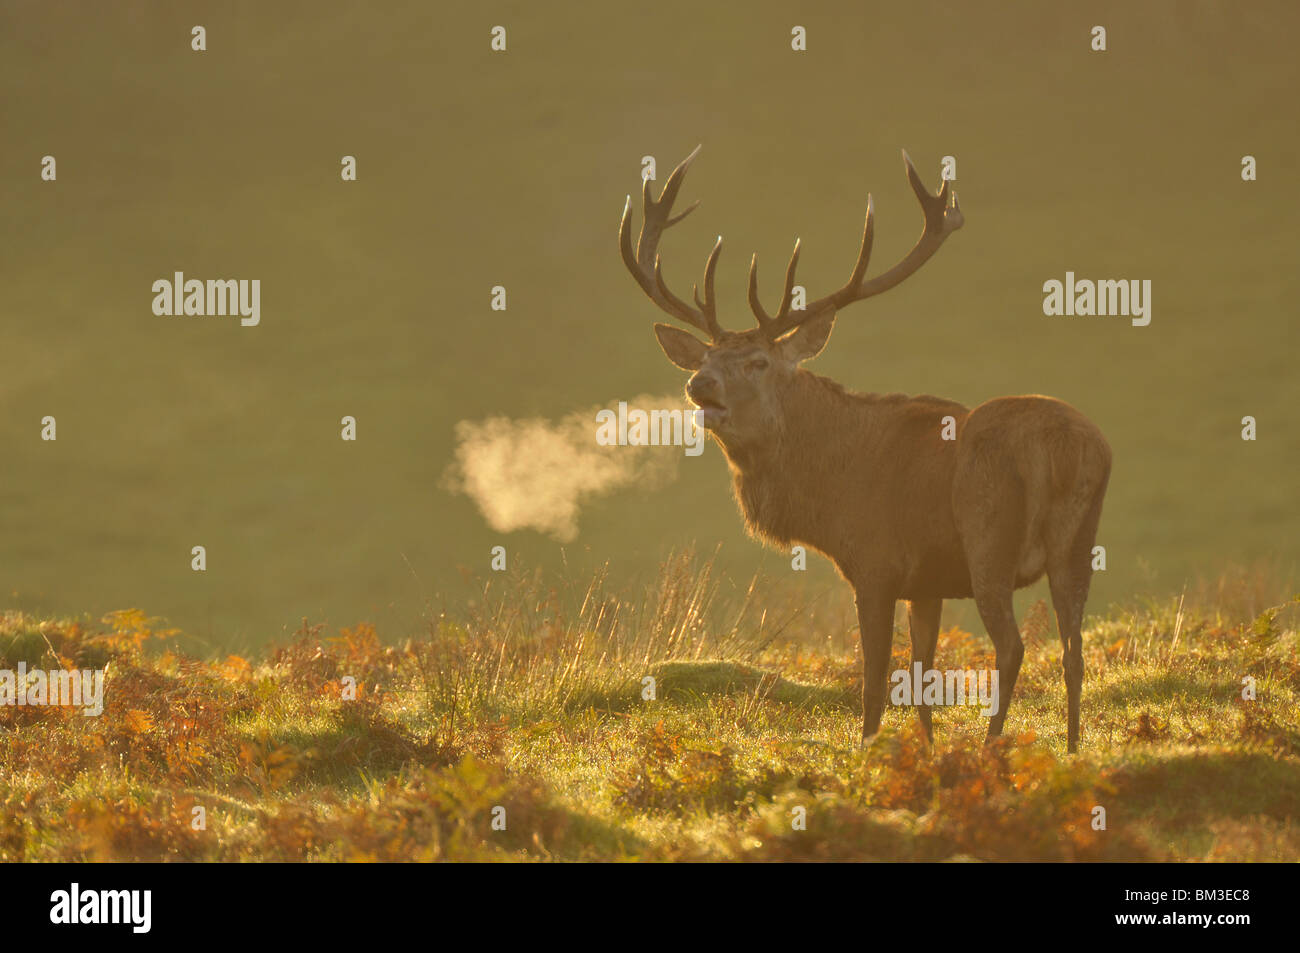 Il cervo (Cervus elaphus). Feste di addio al celibato in autunnali ruggente rut, Leicestershire, Regno Unito Immagini Stock